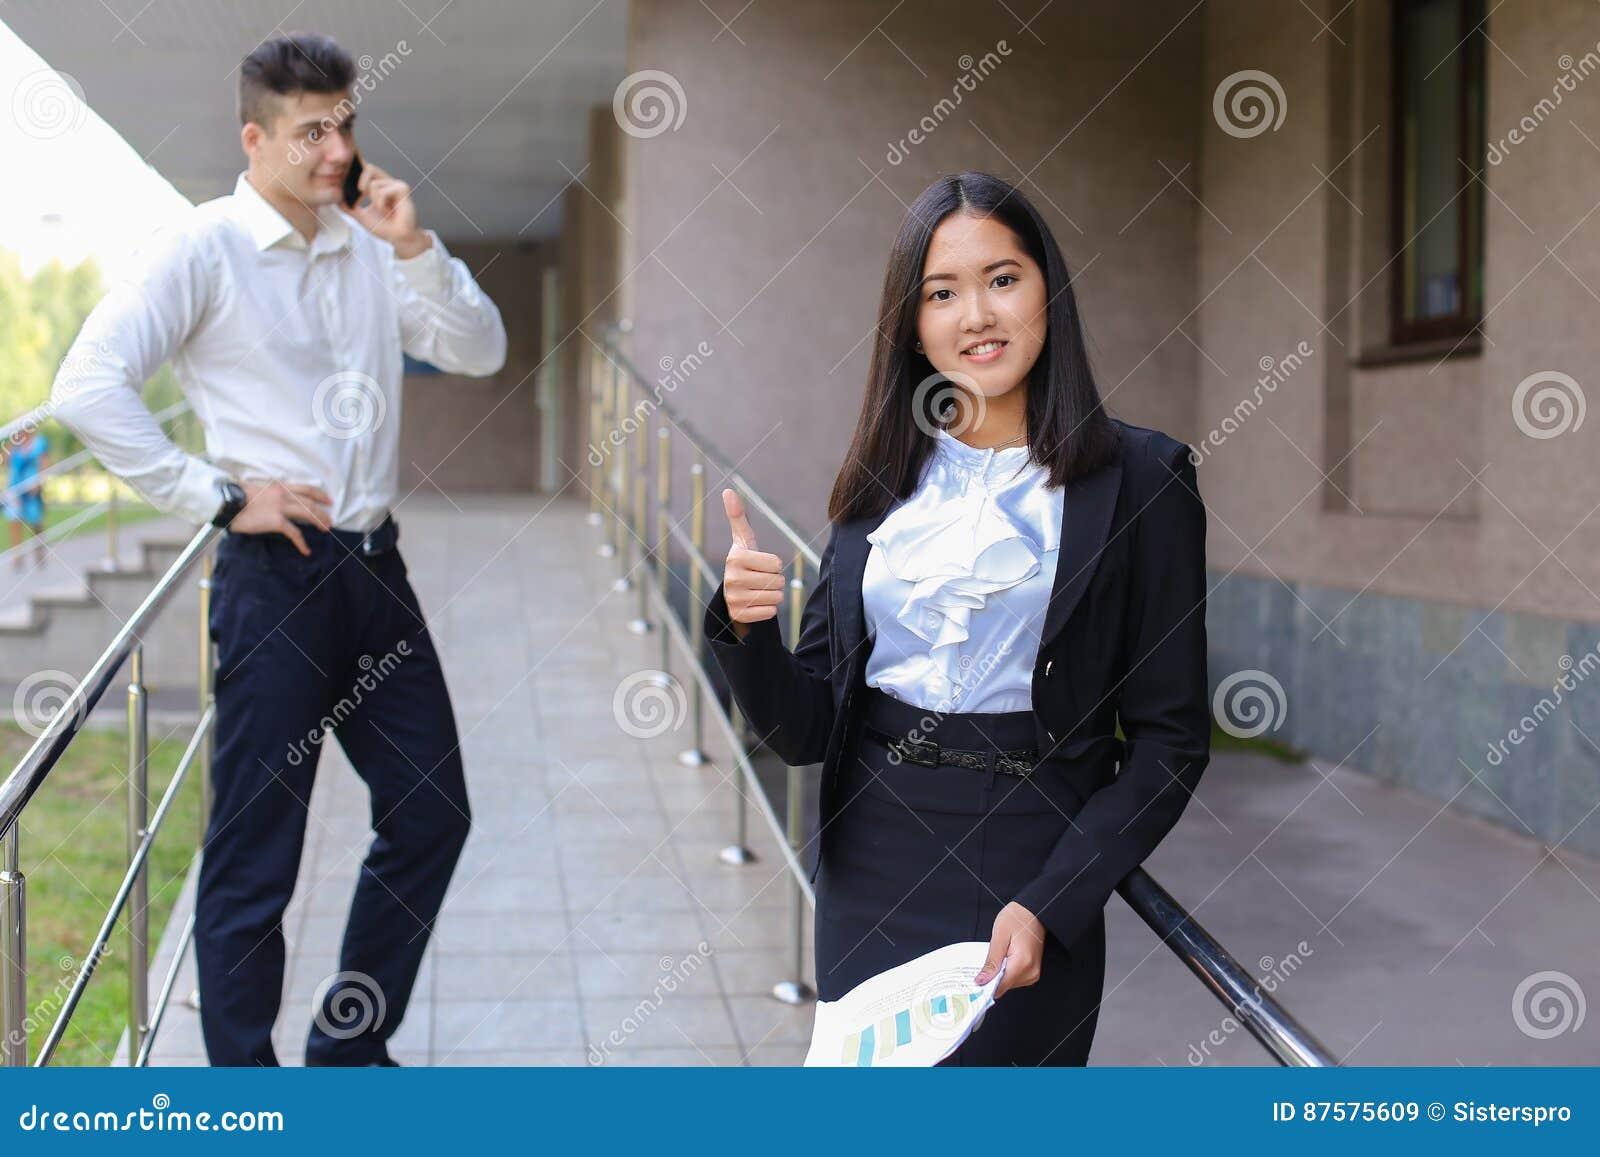 Junge reizend asiatische Geschäftsfrau, weiblicher Porträtblick auf Nocken